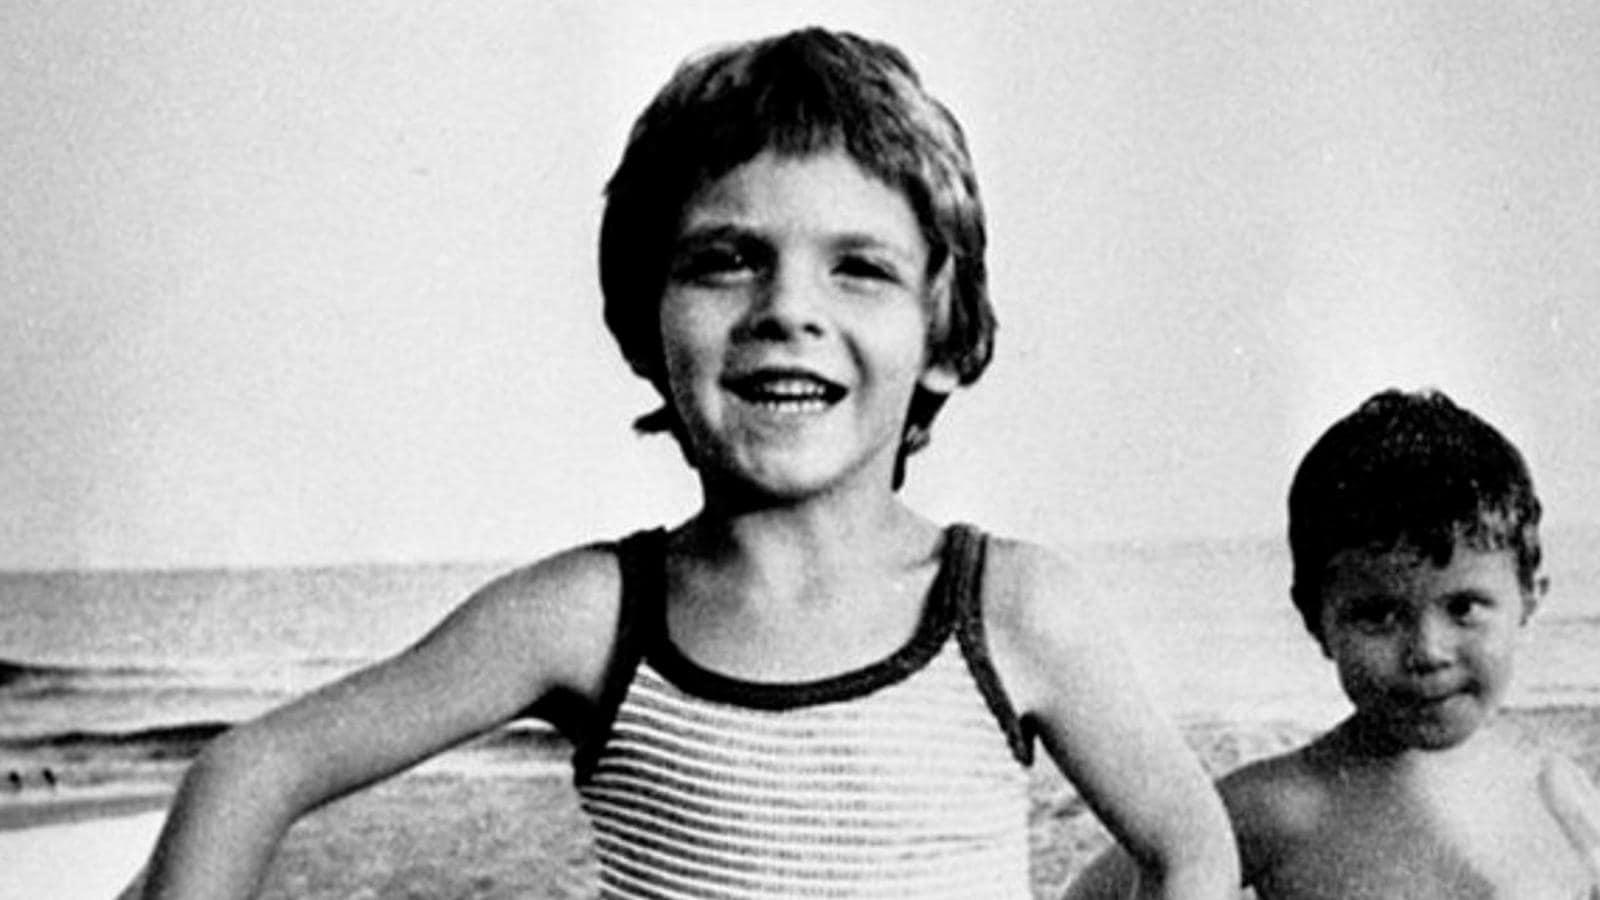 Quarant'anni fa a Vermicino la tragedia di Alfredino Rampi - RAI Ufficio  Stampa